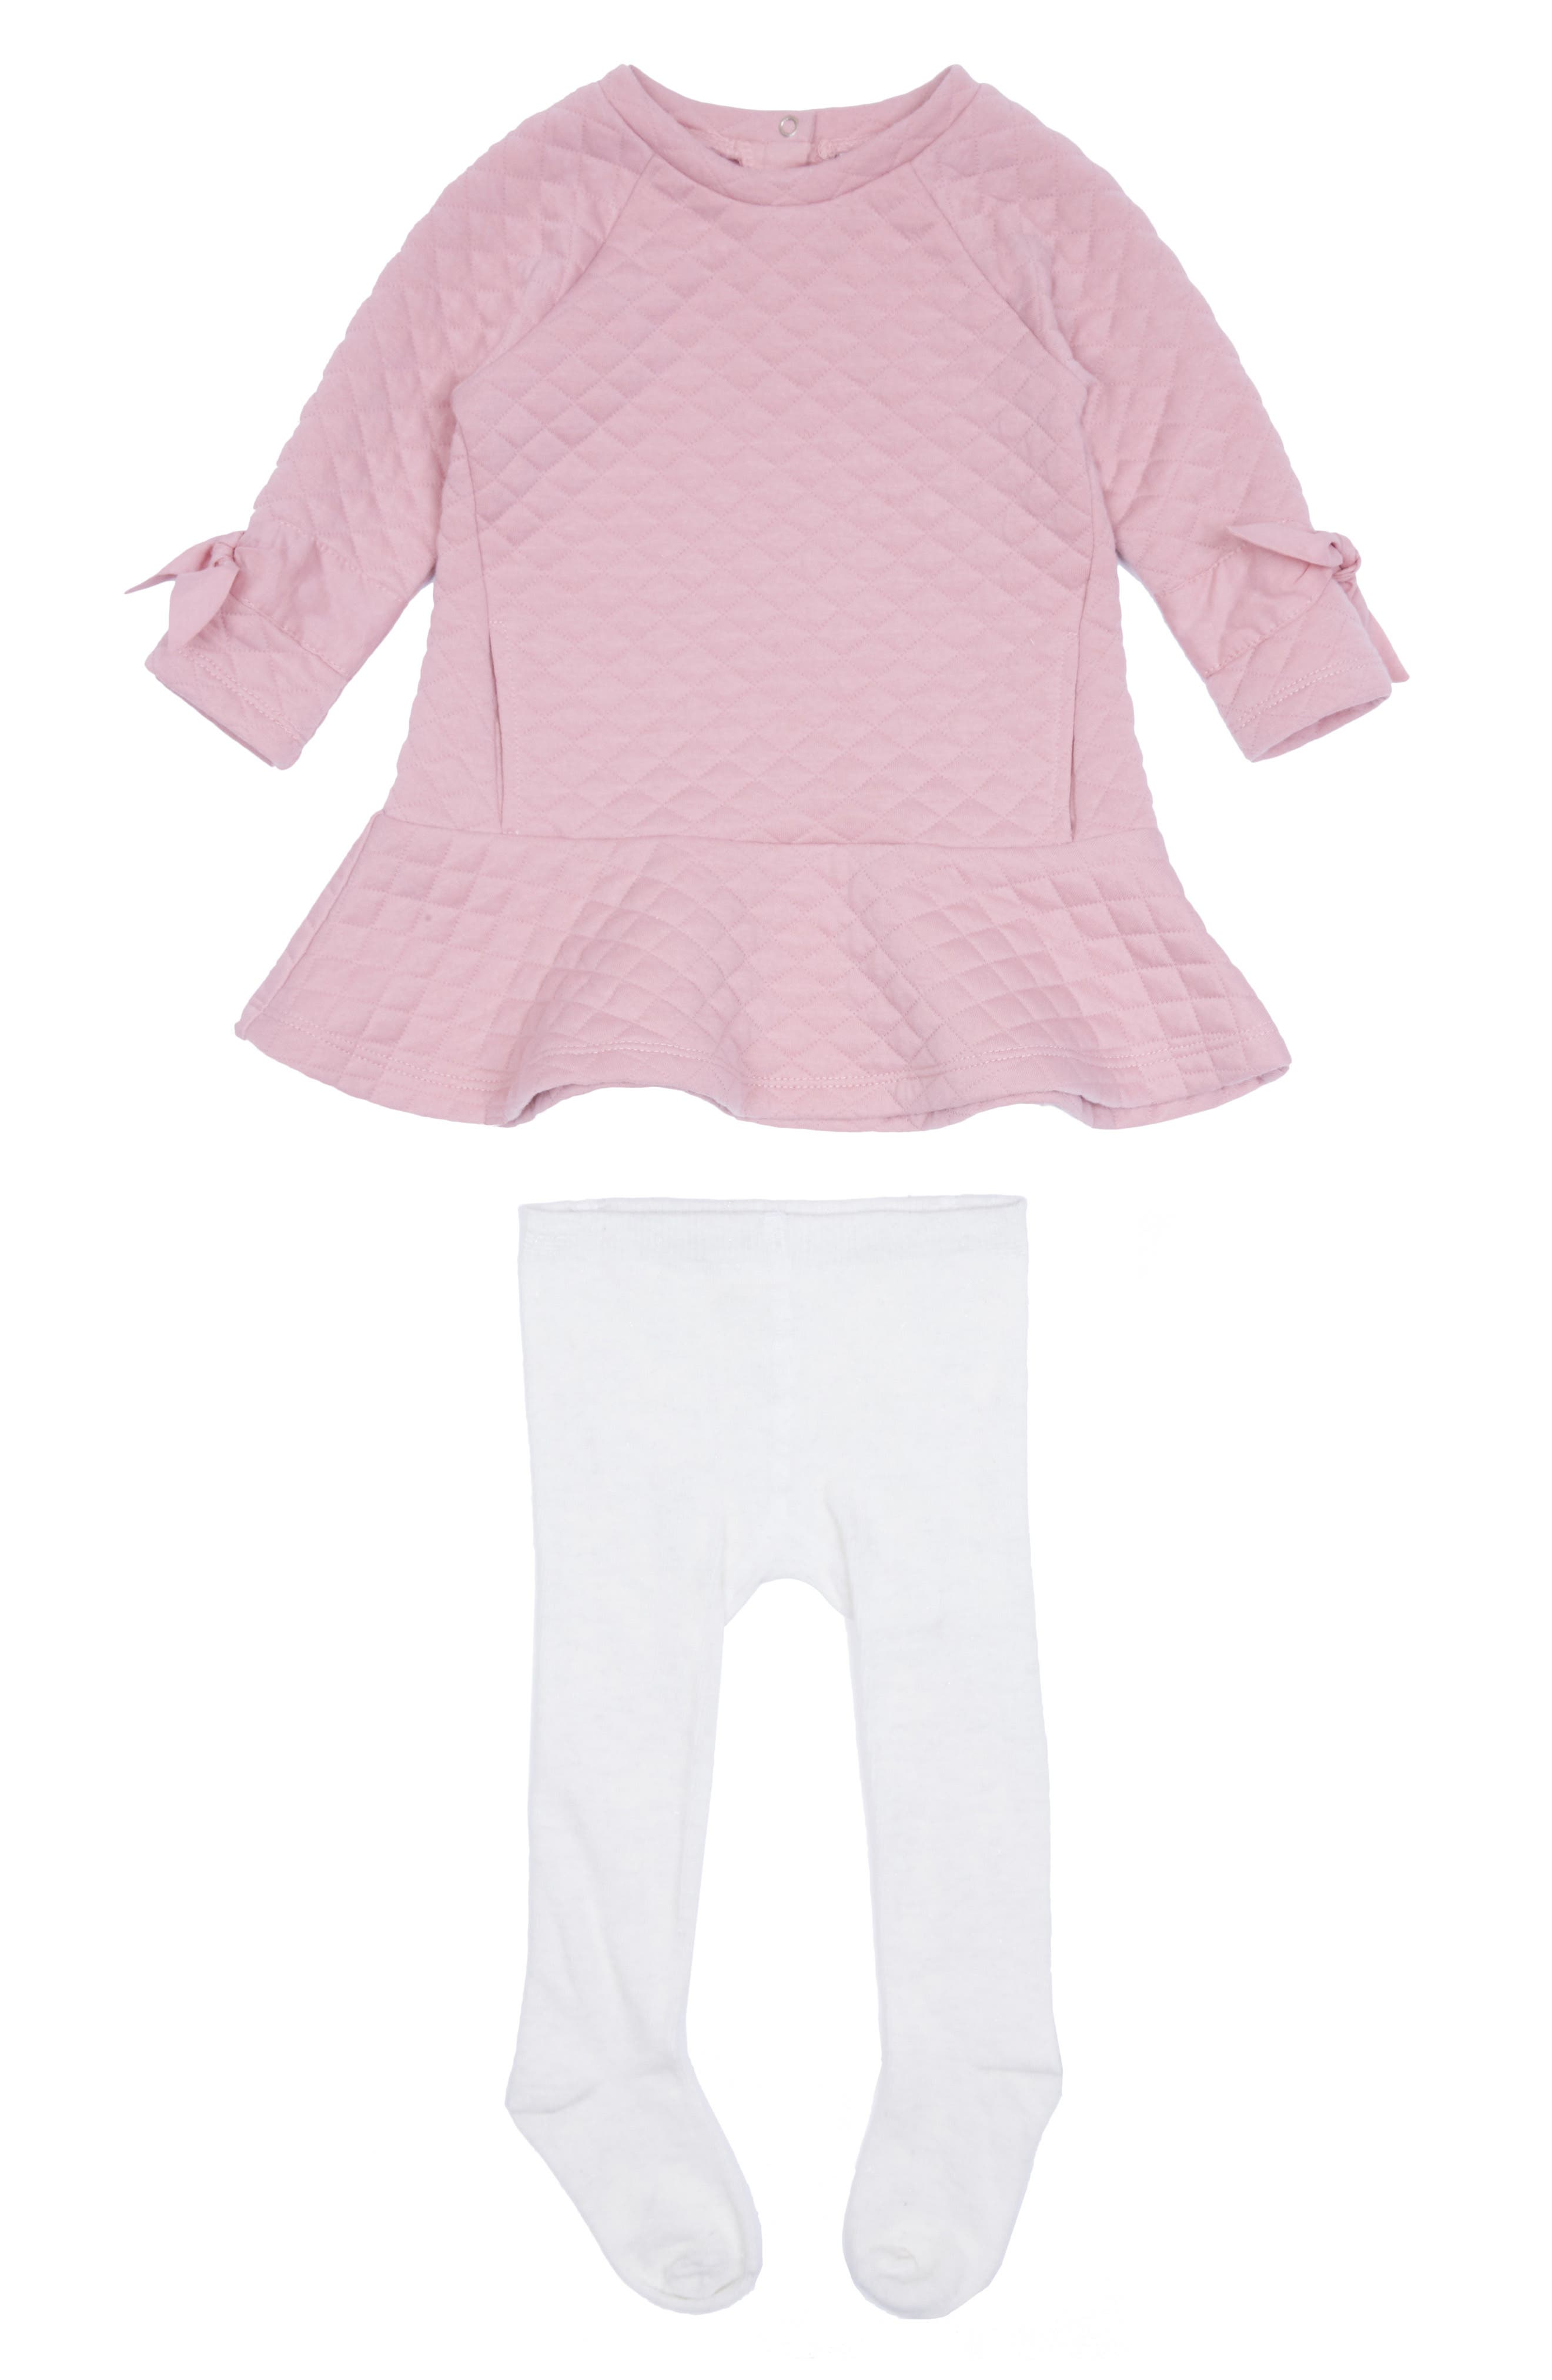 Image of Habitual Kids Waverly Sweater Dress Set